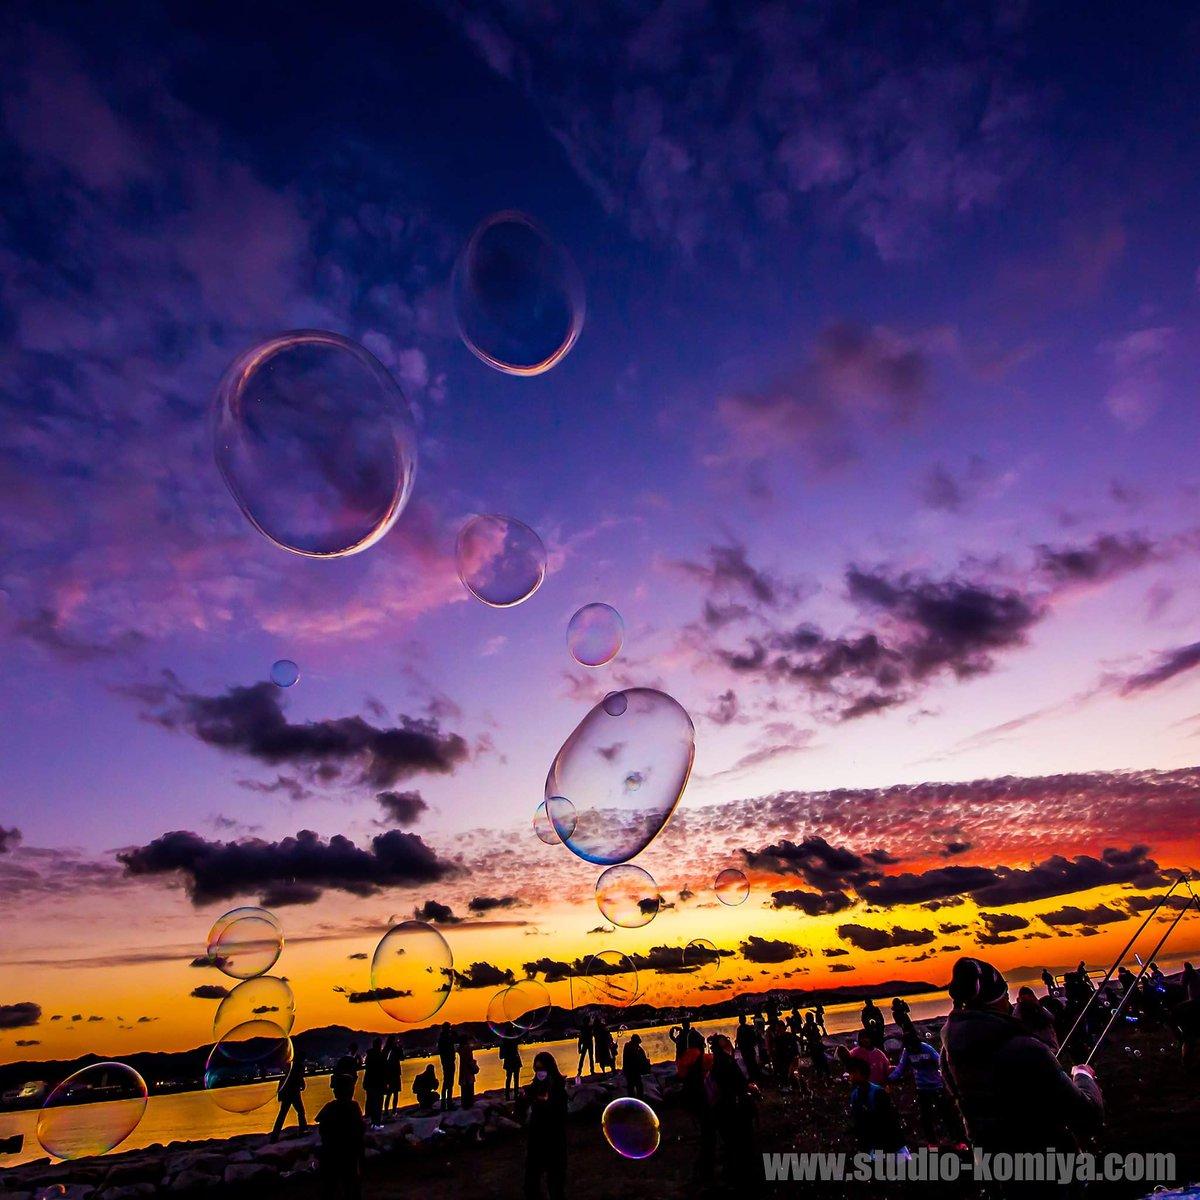 はぁー。  きれいな夕焼けが恋しいな。  きれいなせかいがみたいんだ。  土曜日の虹ヶ浜…晴れろー!  わーわーわー‼️ https://t.co/NFWZ98qfwz